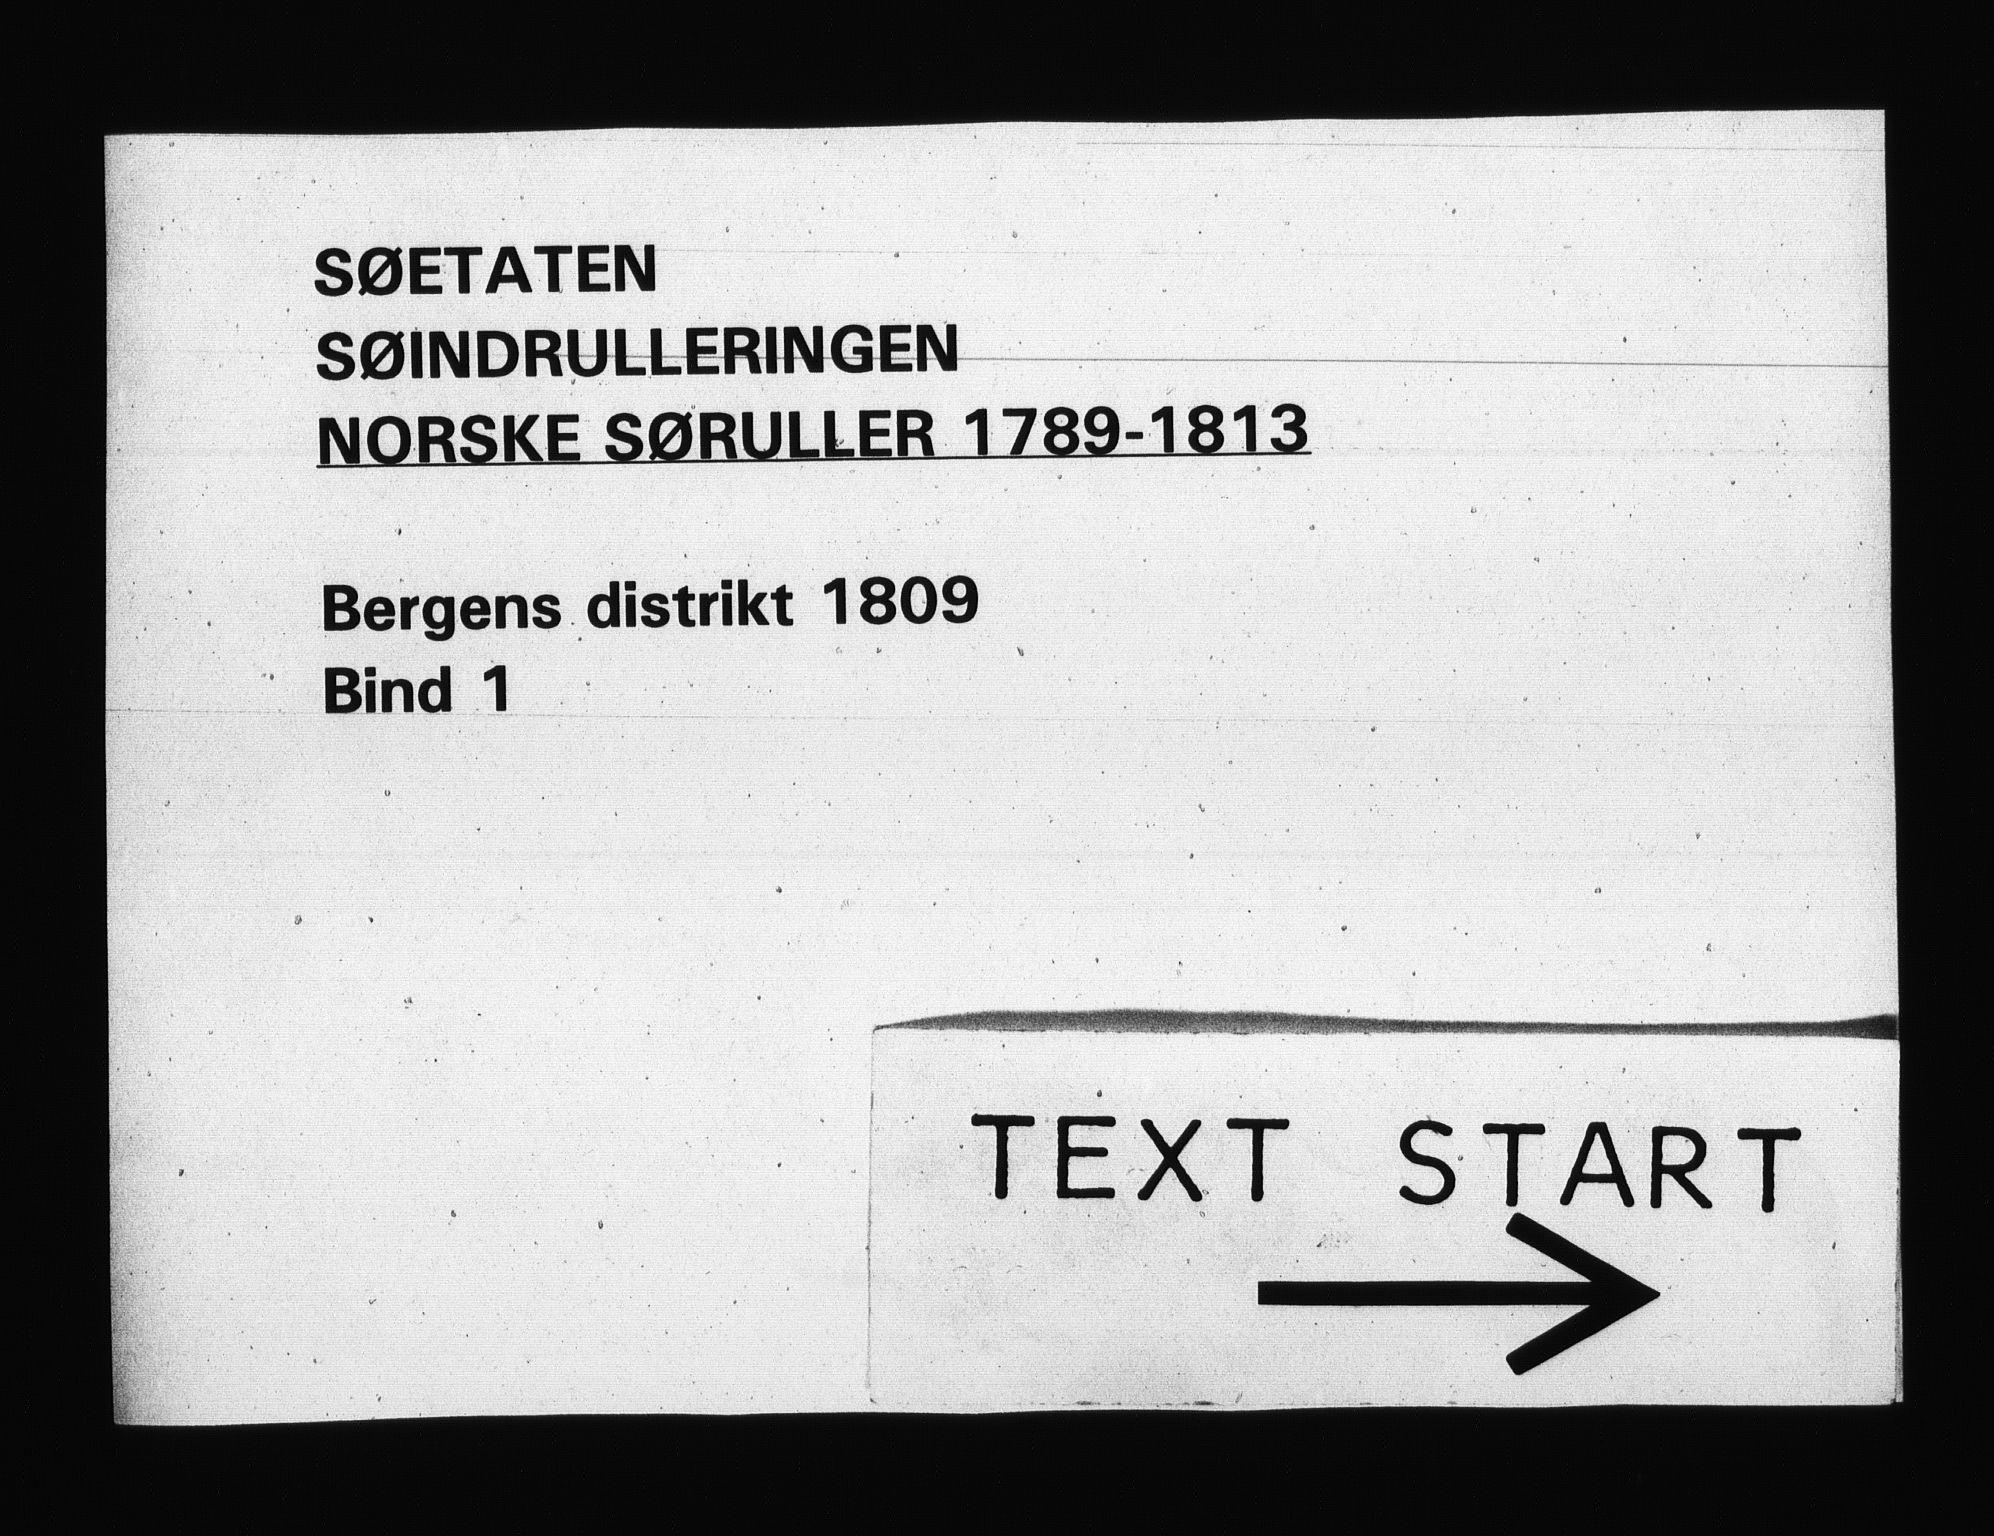 RA, Sjøetaten, F/L0248: Bergen distrikt, bind 1, 1809